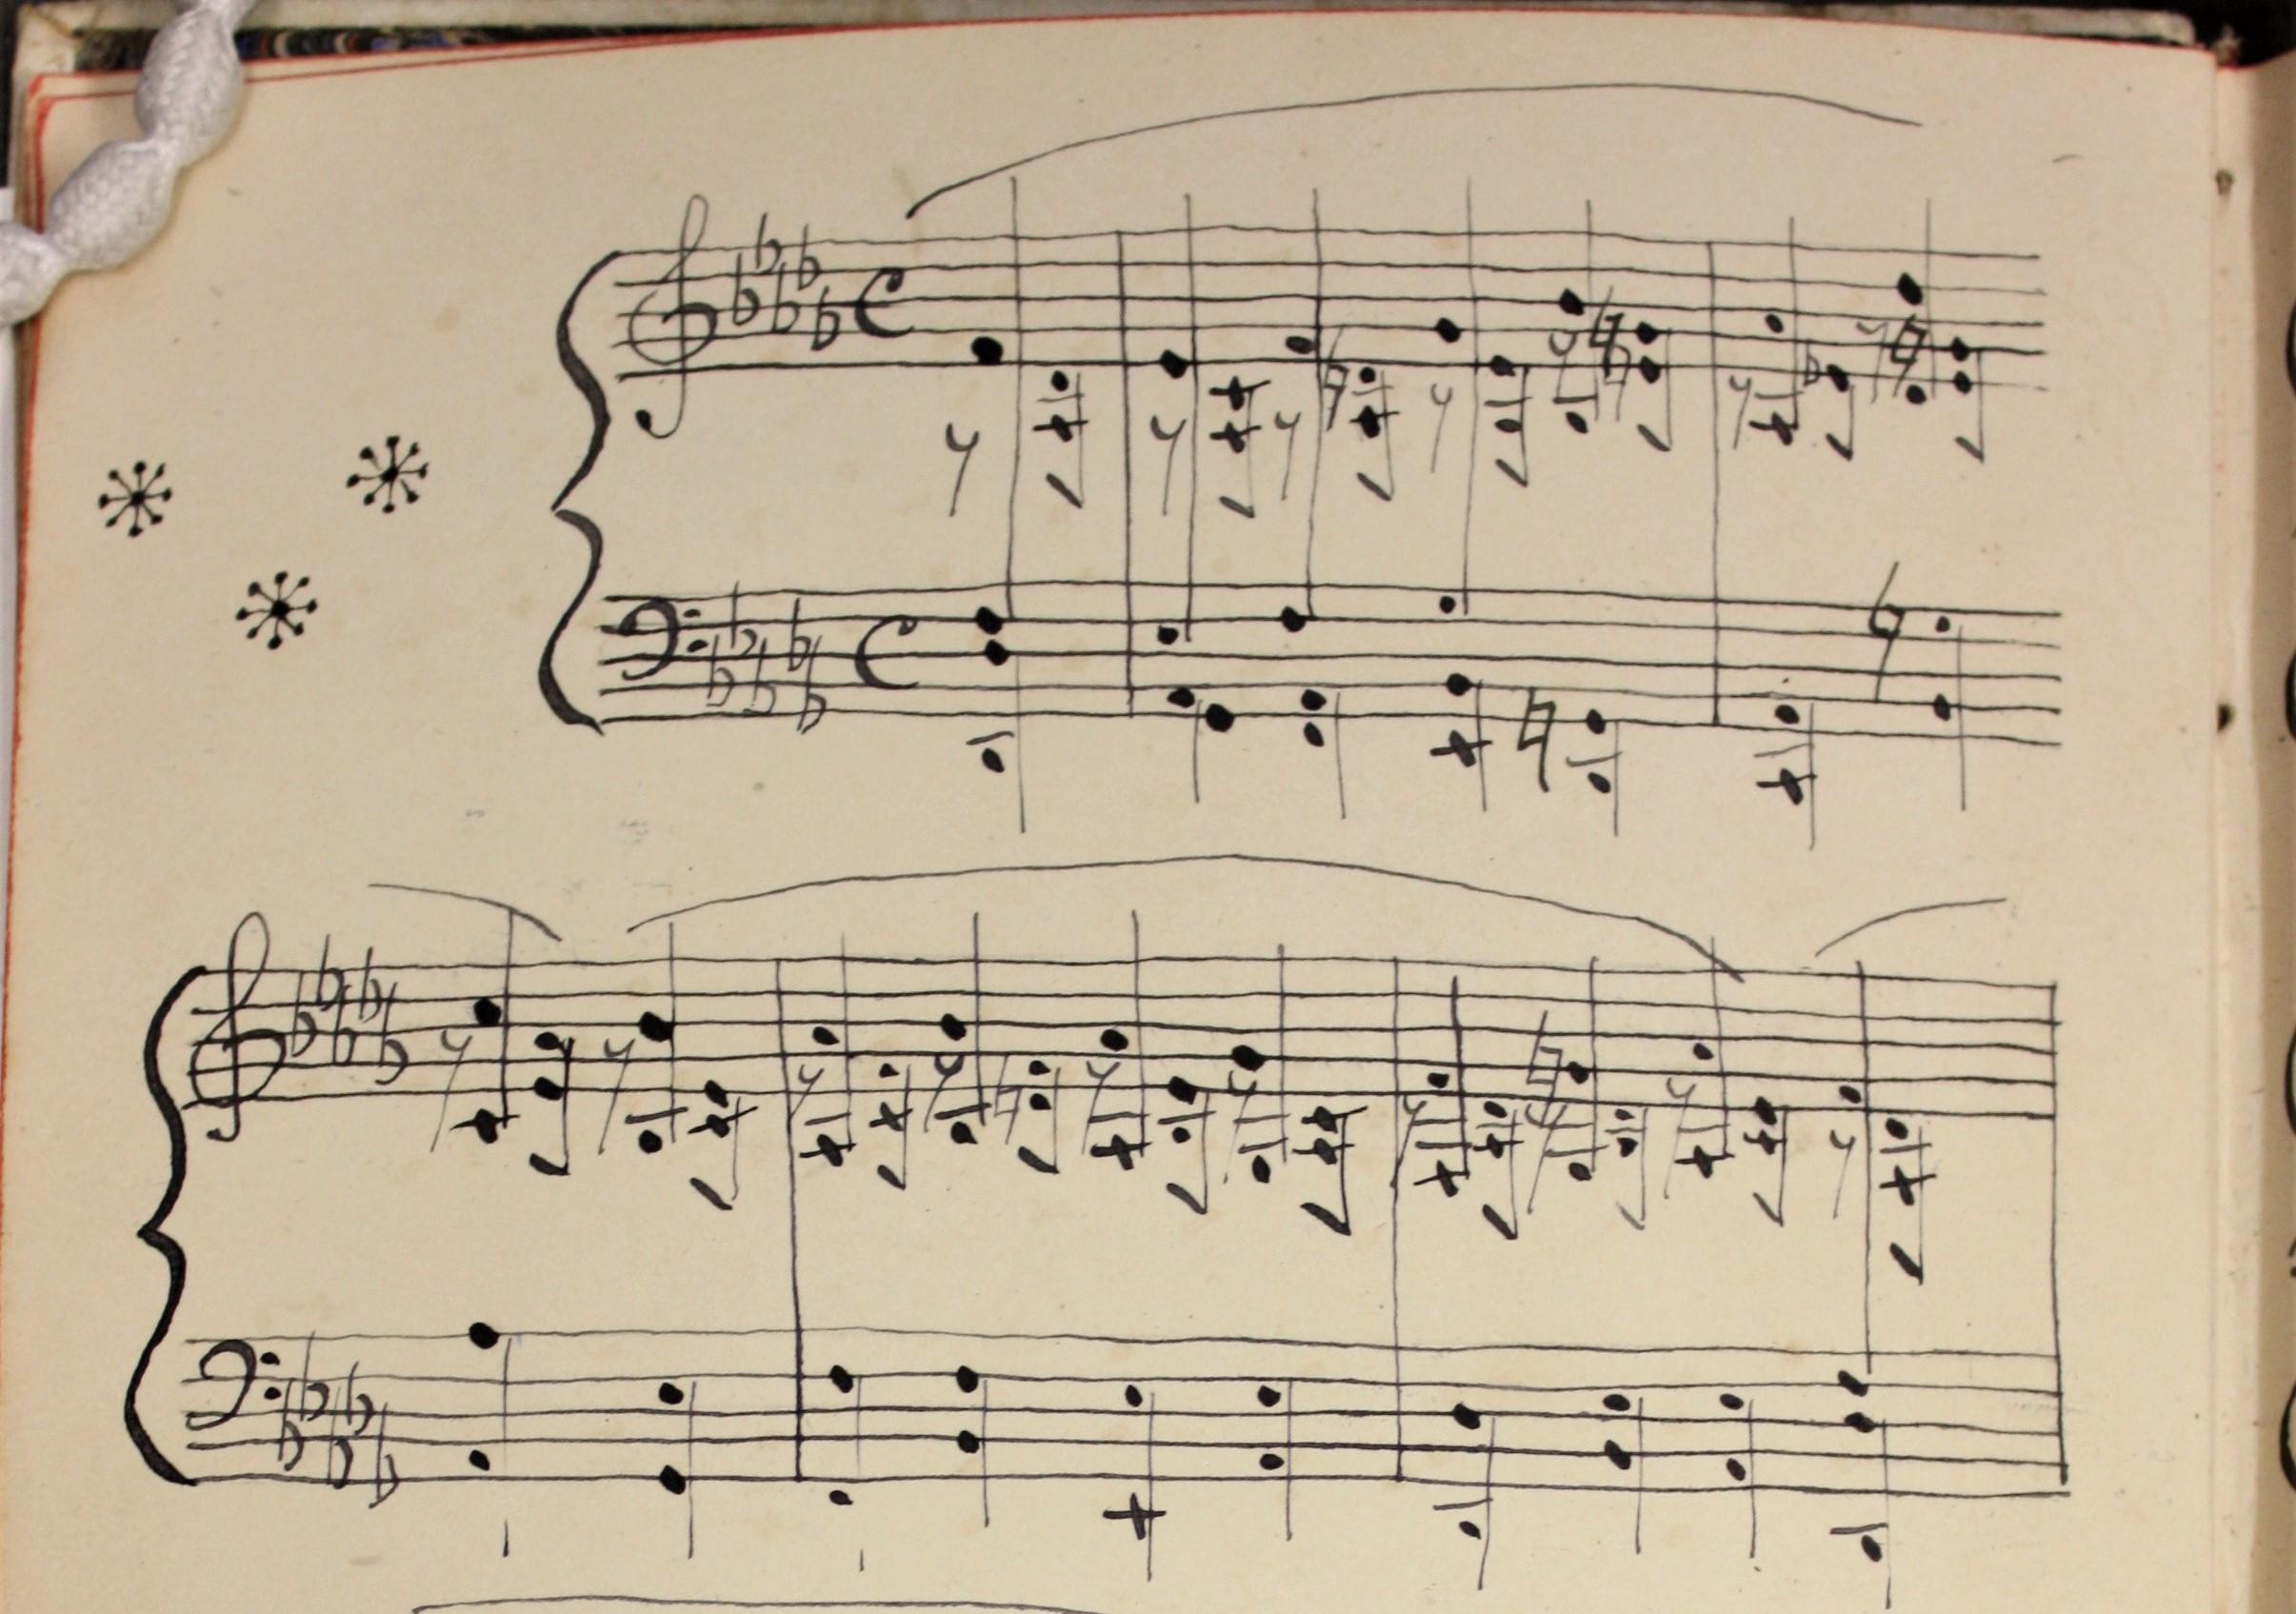 Lucius Smith - Music - p1